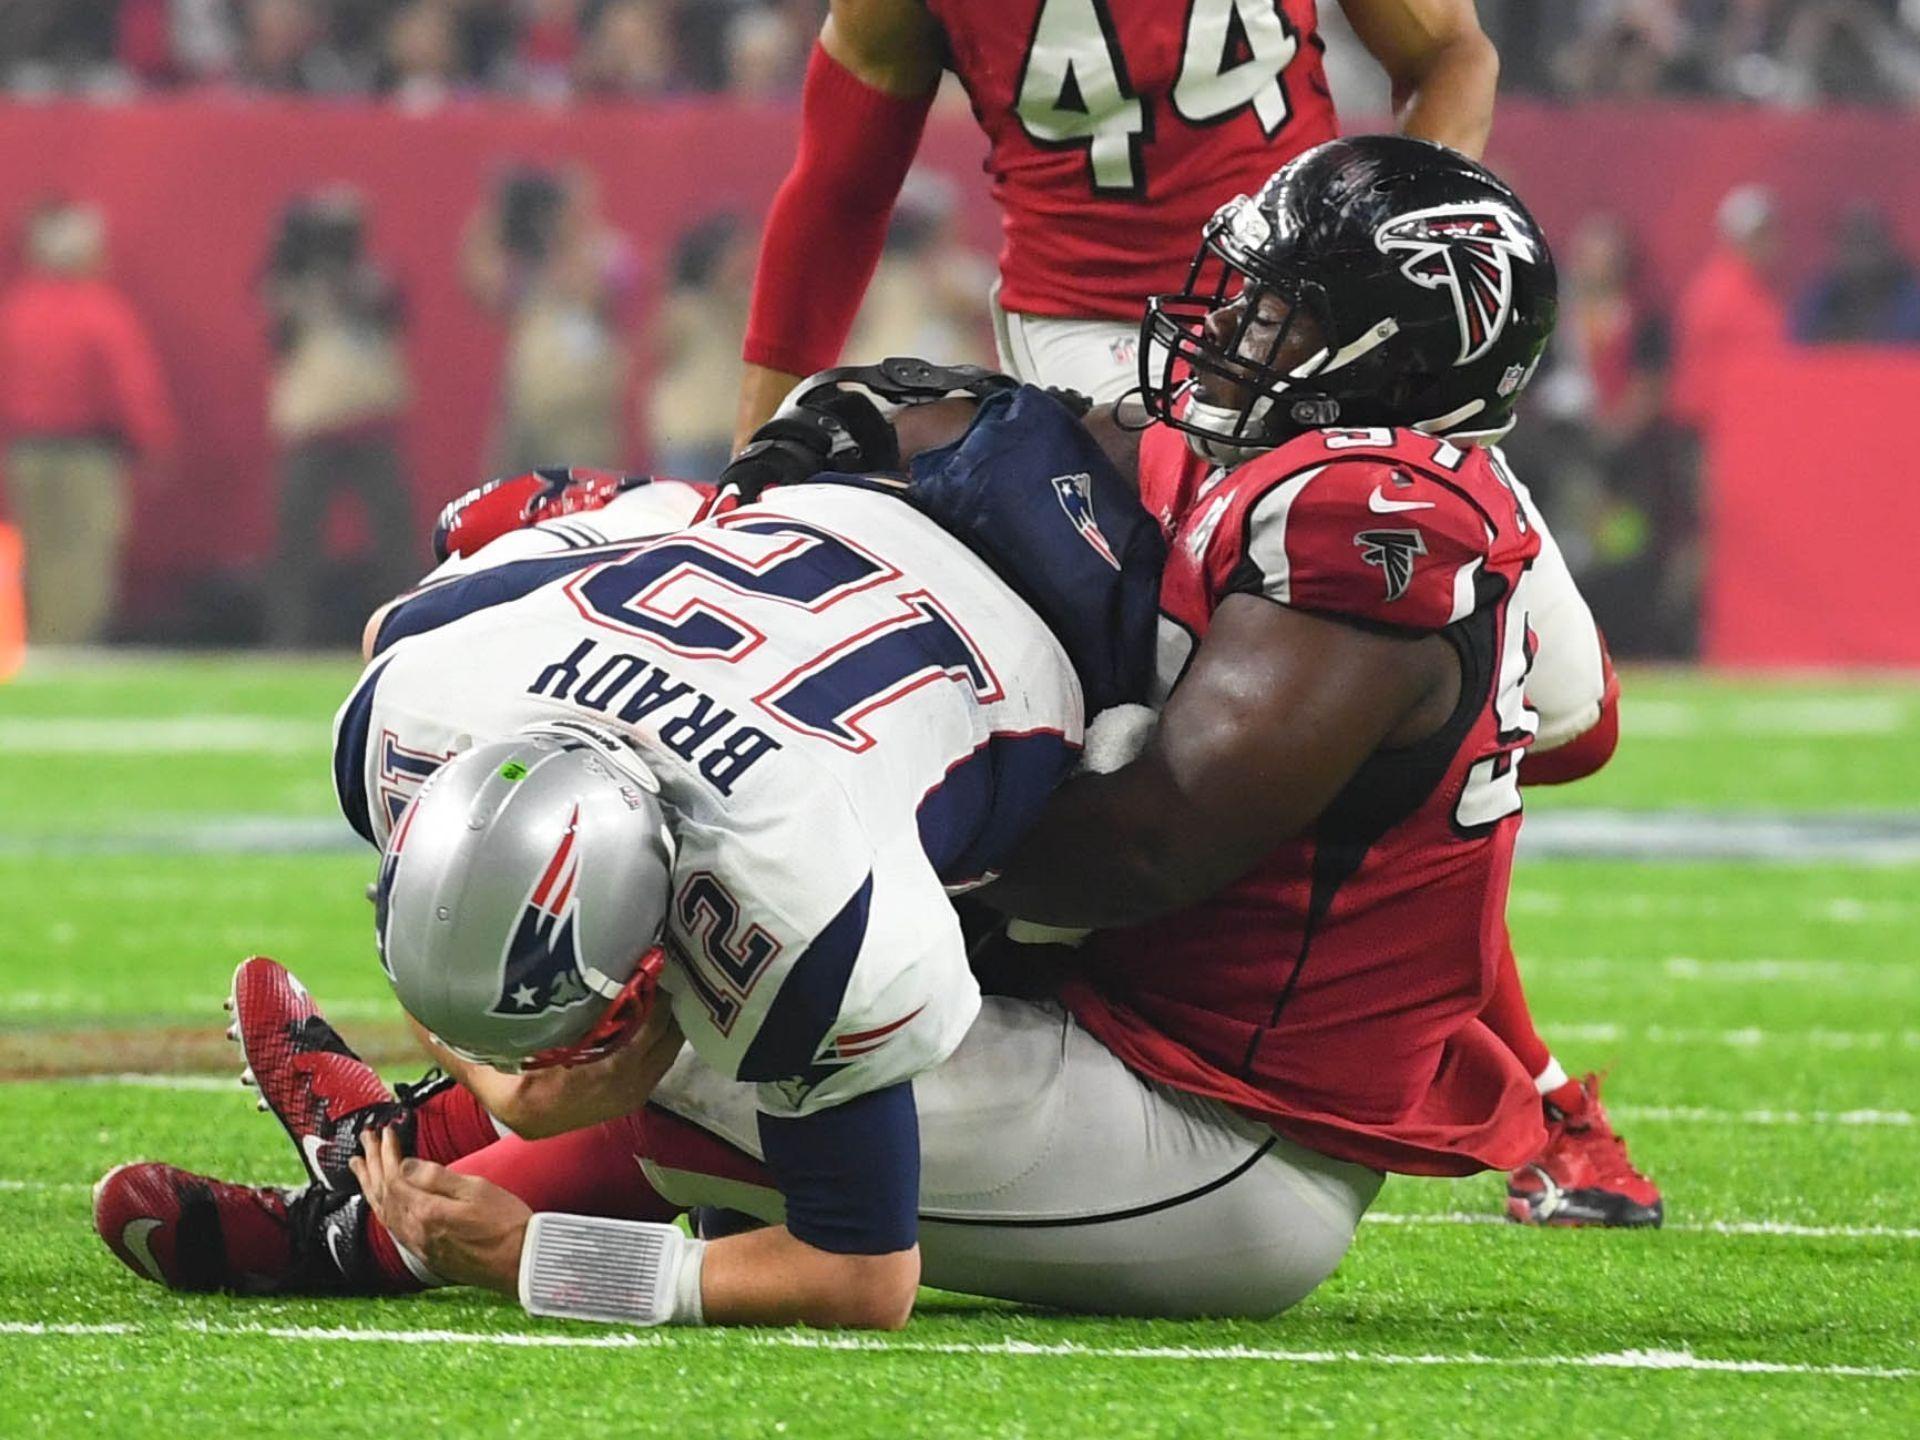 Falcons Defensive Tackle Grady Jarrett 97 Sacks Patriots Tom Brady New England Patriots Tom Brady Mvp